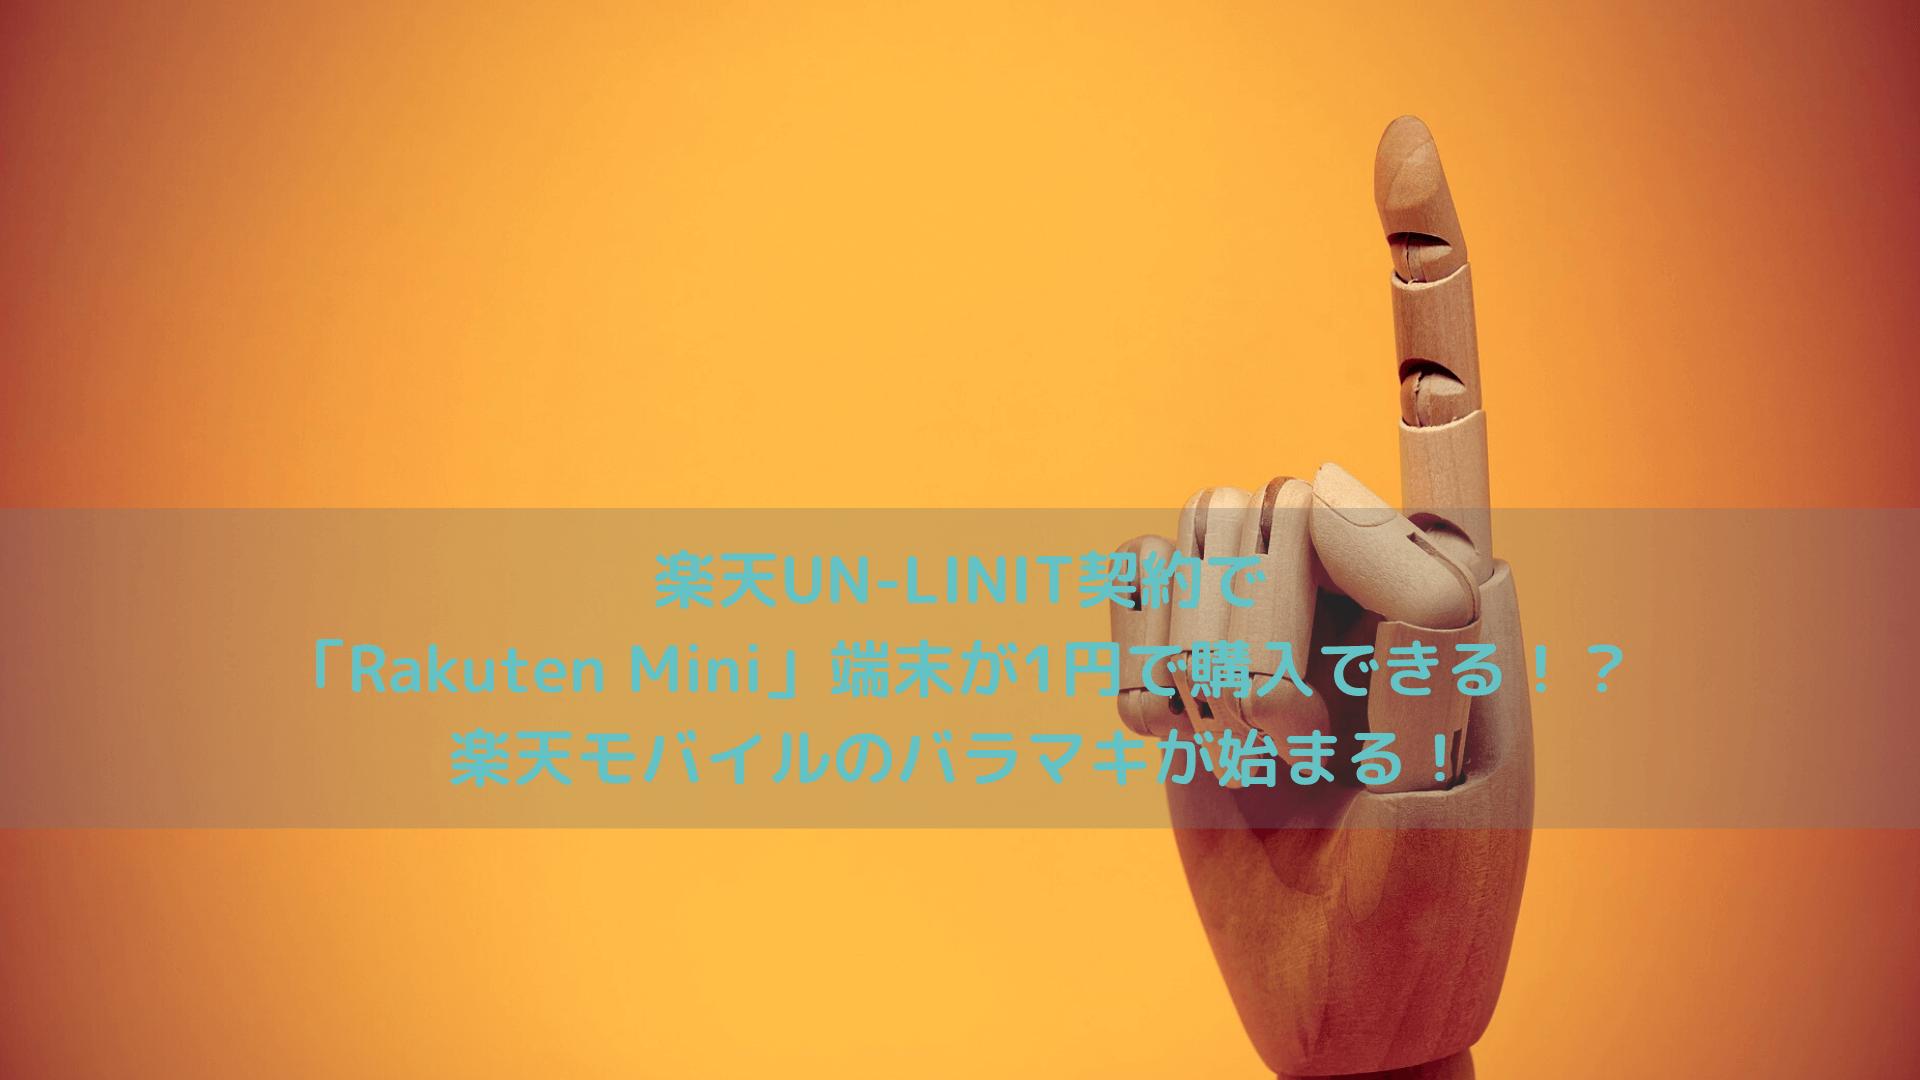 楽天UN-LINIT契約で「Rakuten Mini」端末が1円で購入できる!?楽天モバイルのバラマキが始まる!